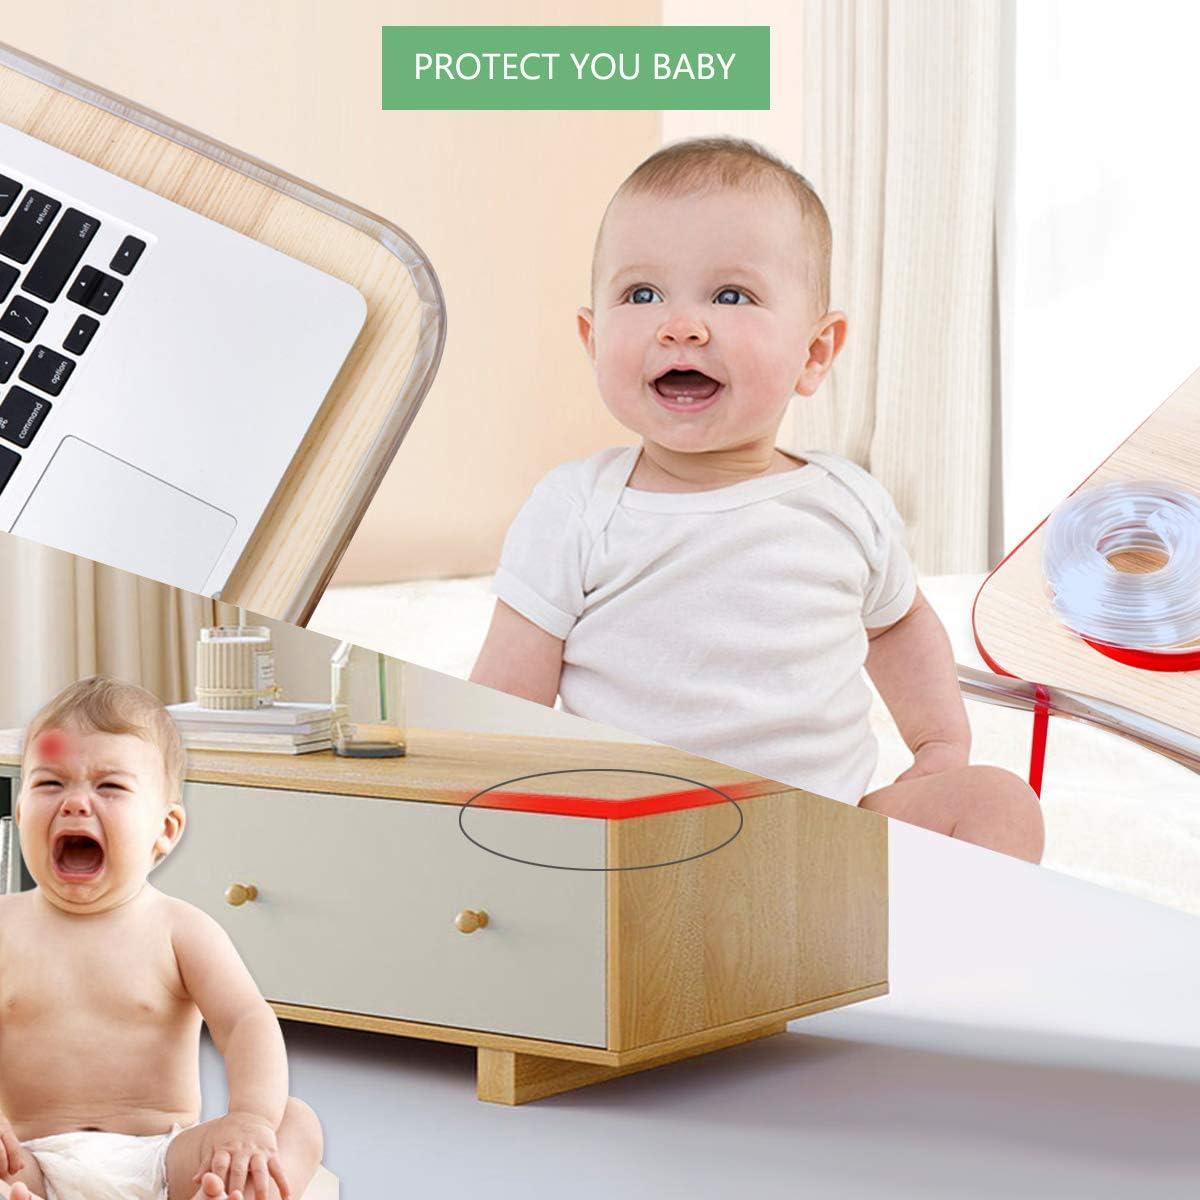 15 mm de grosor ensanchado Protecci/ón transparente de bordes para ni/ños beb/és 2 piezas Protecciones para bordes y esquinas,Protecciones de esquina de seguridad de 4 metros ni/ños